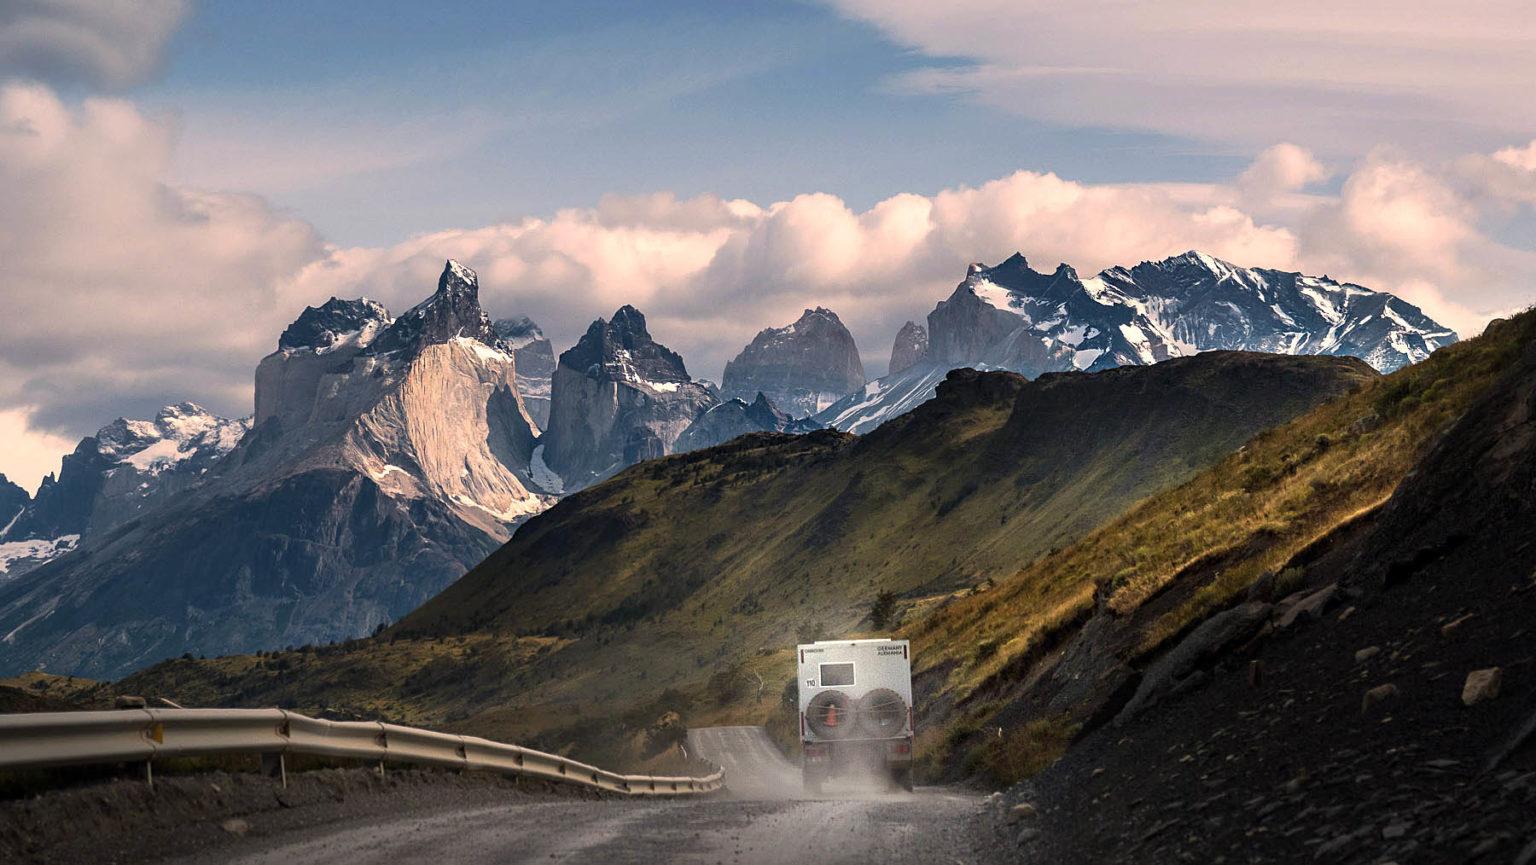 Spektakulärer Blick auf Paine Grande und Cuernos del Paine